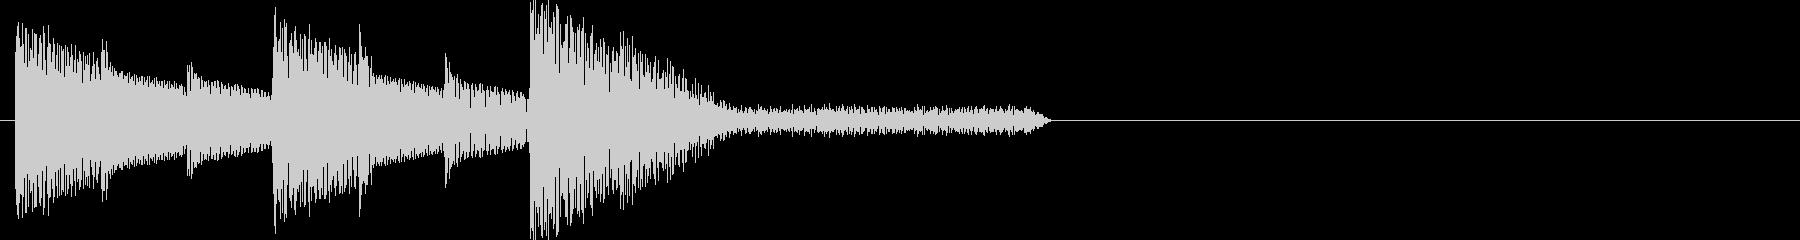 レトロゲーム風・スタート#3の未再生の波形